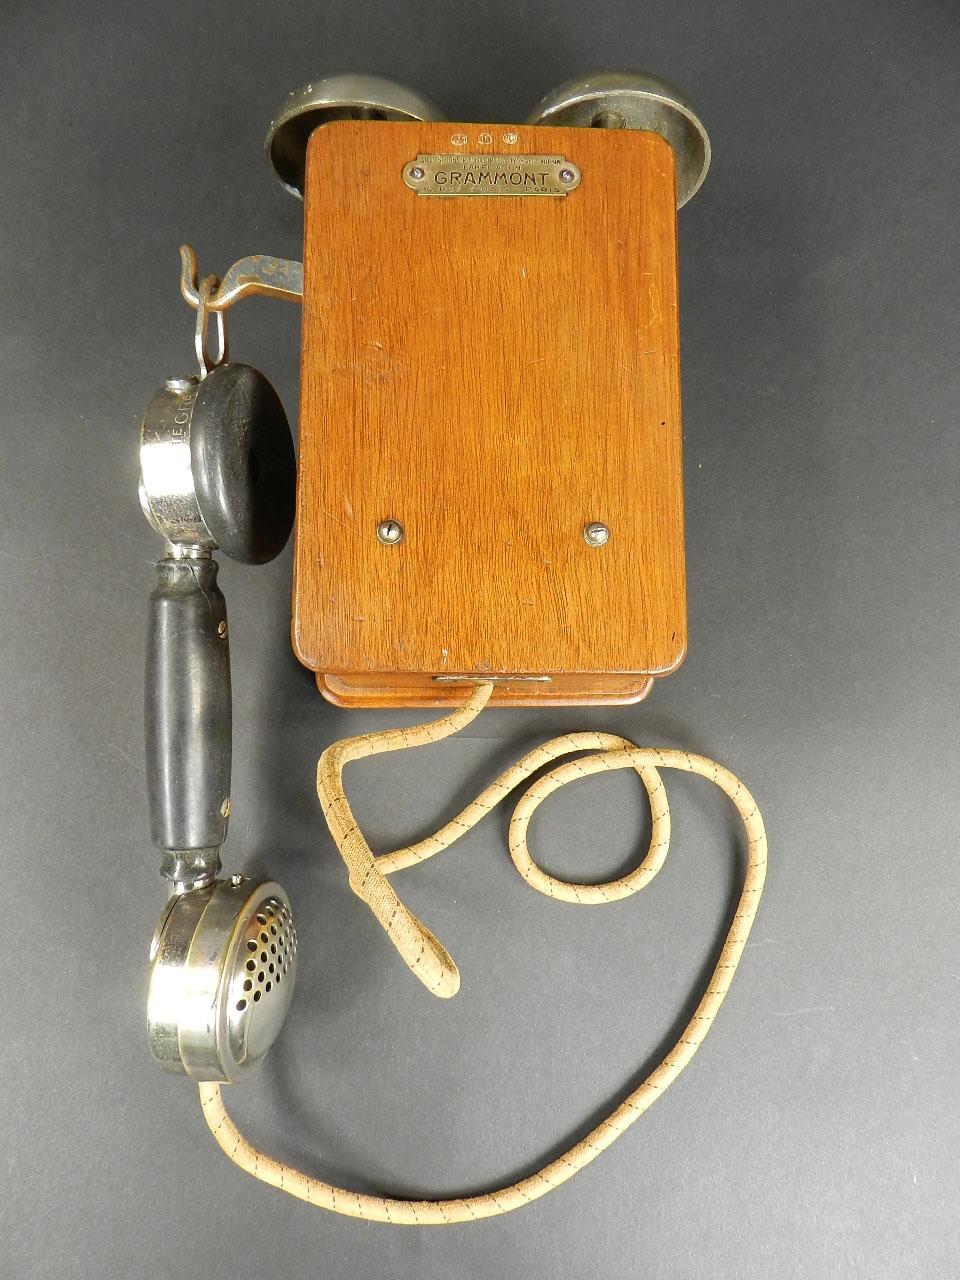 Imagen TELÉFONO GRAMMONT DE DOS CAMPANAS AÑO 1920 24581